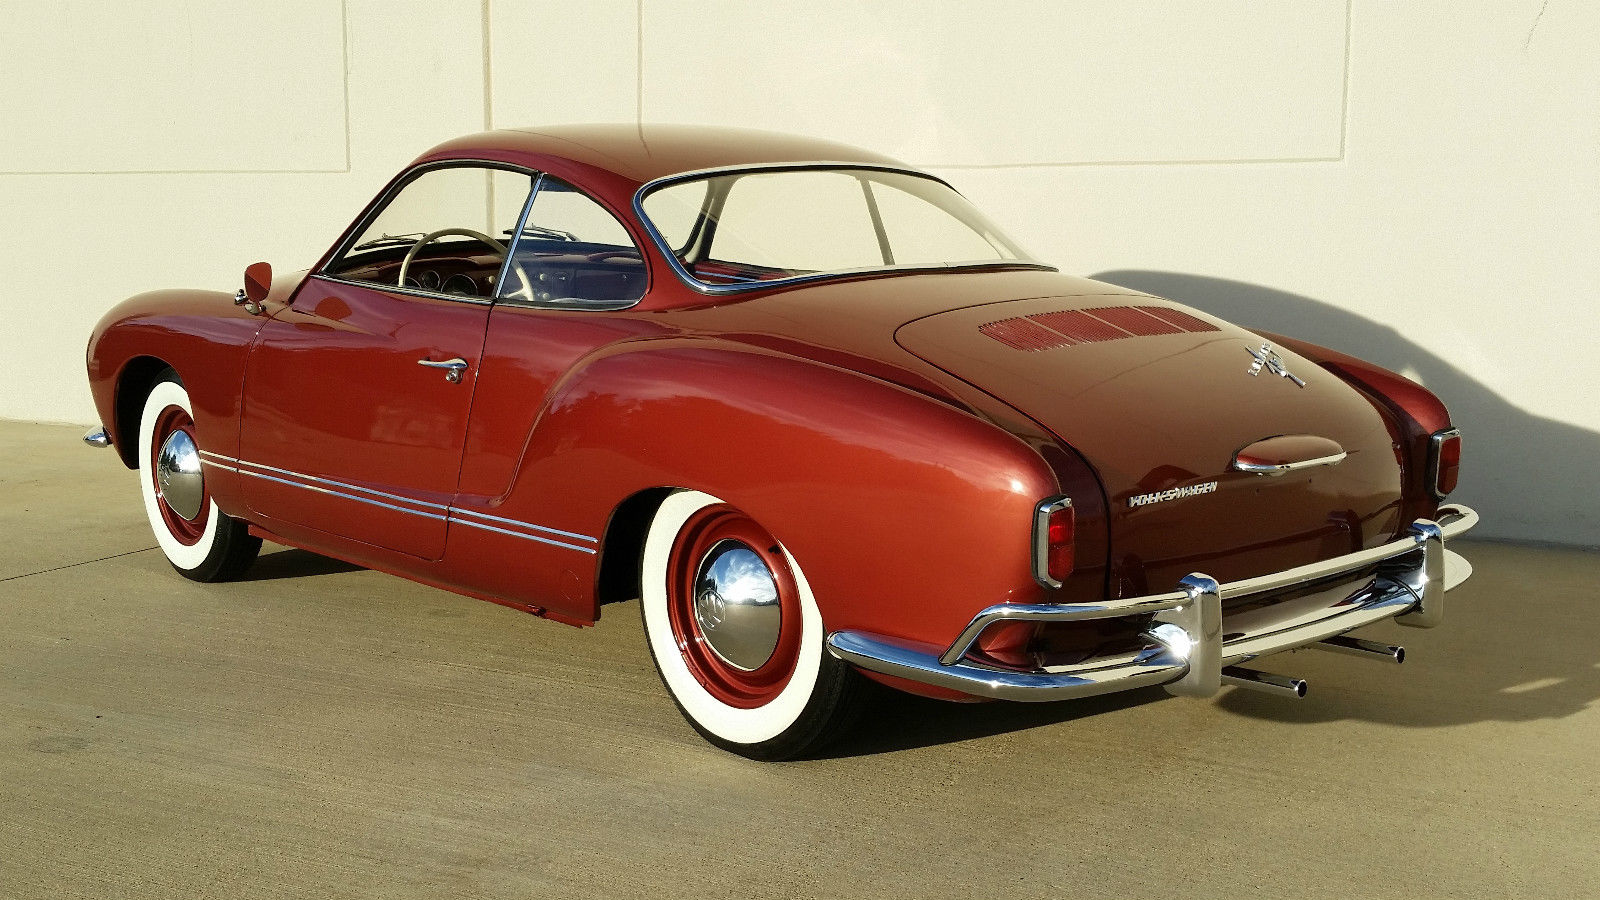 1959 VW KARMANN GHIA LOW LIGHT COUPE - VW BIRTH CERT ...